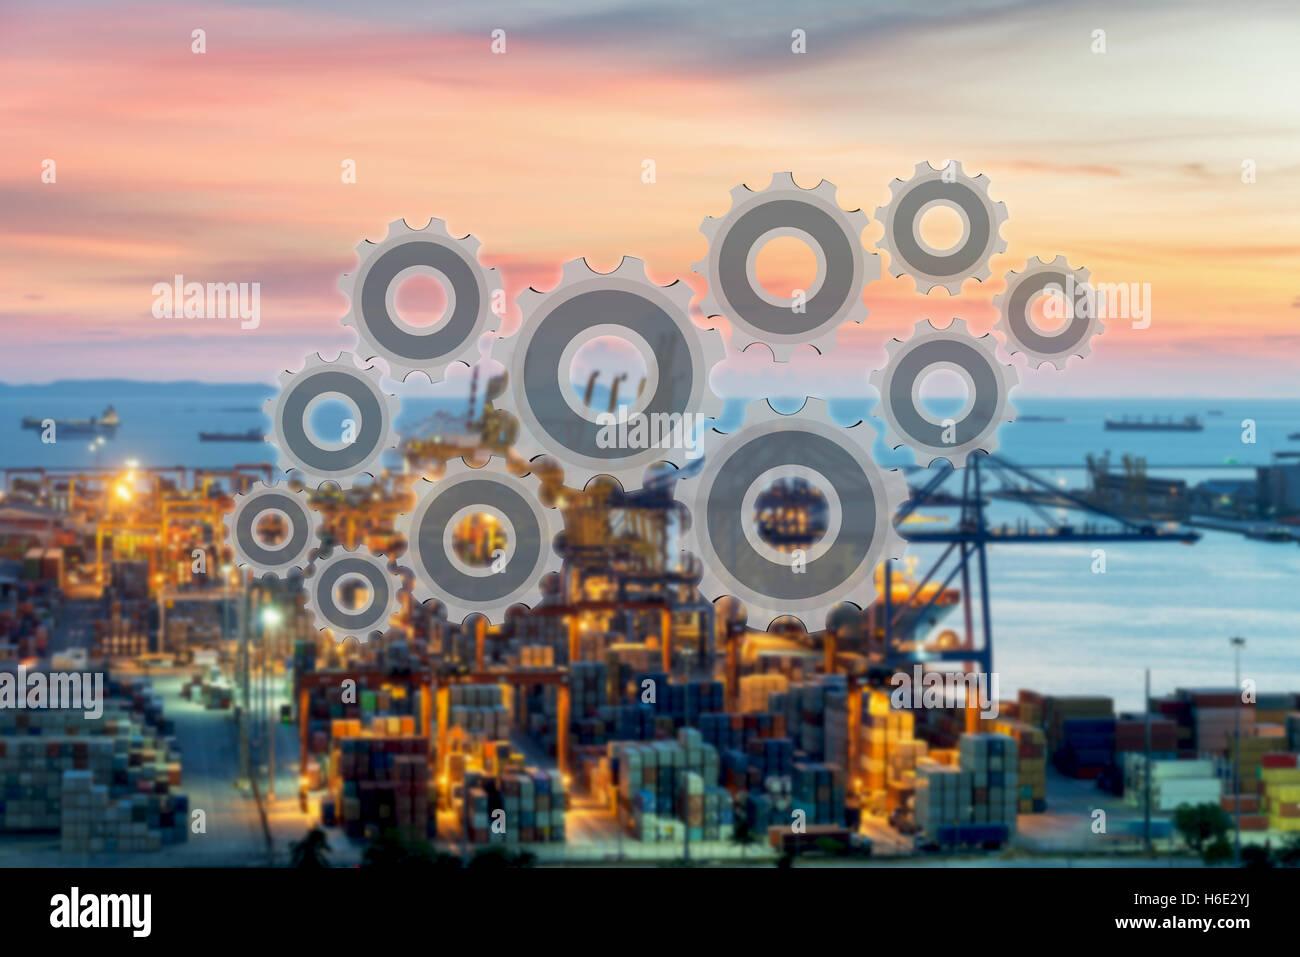 Lieferkettenmanagement Verbindung Netzwerk der Logistik mit Container Termimal Frachthafen Nutzung im Hintergrund Stockbild